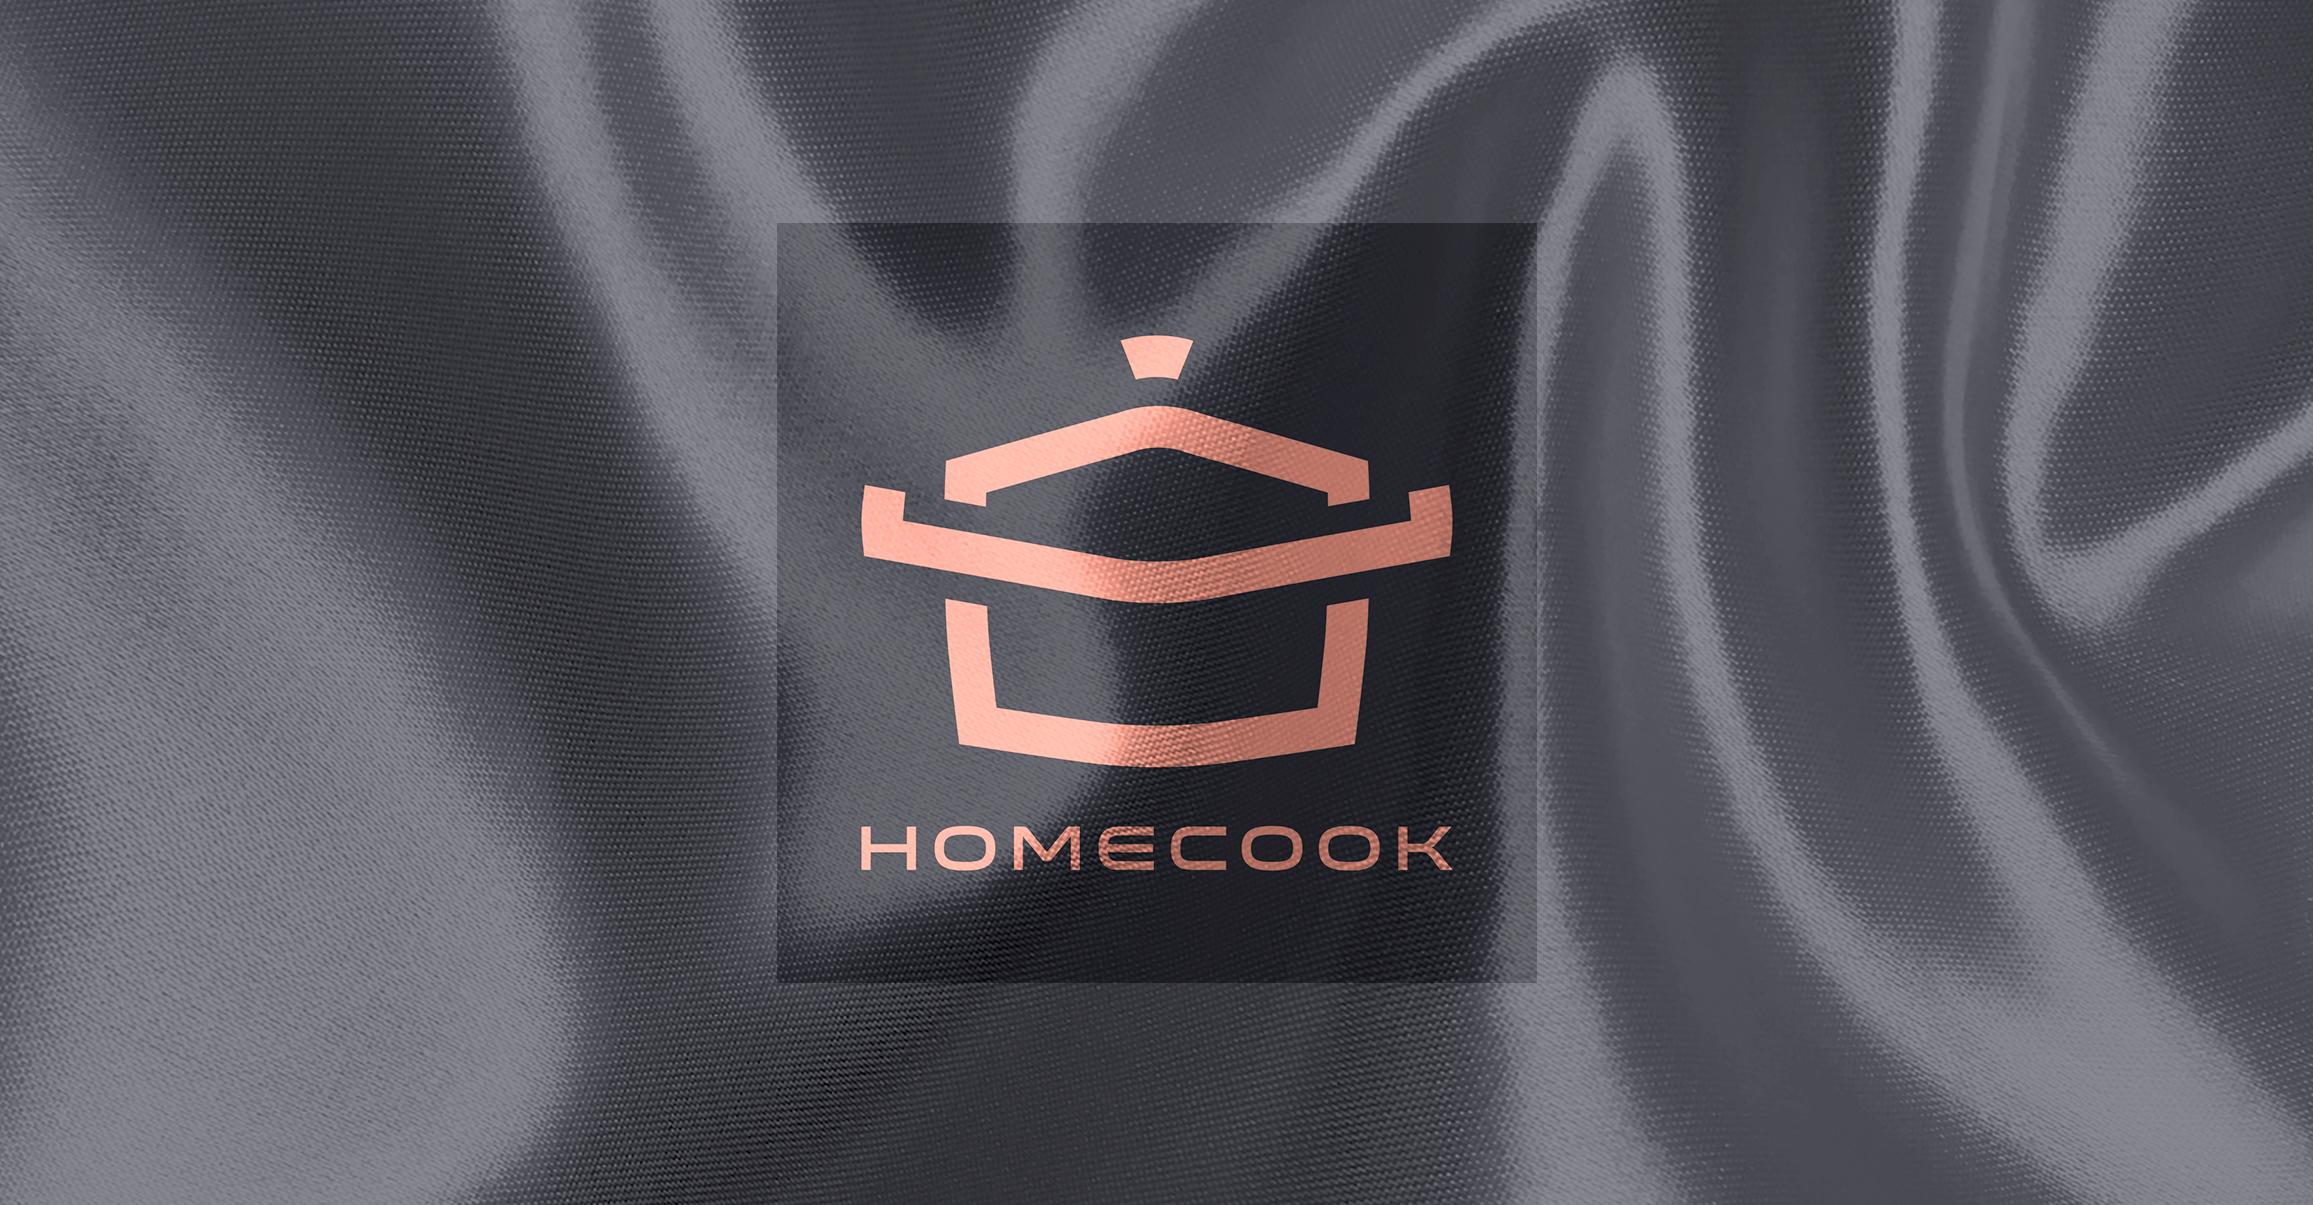 homecook-8